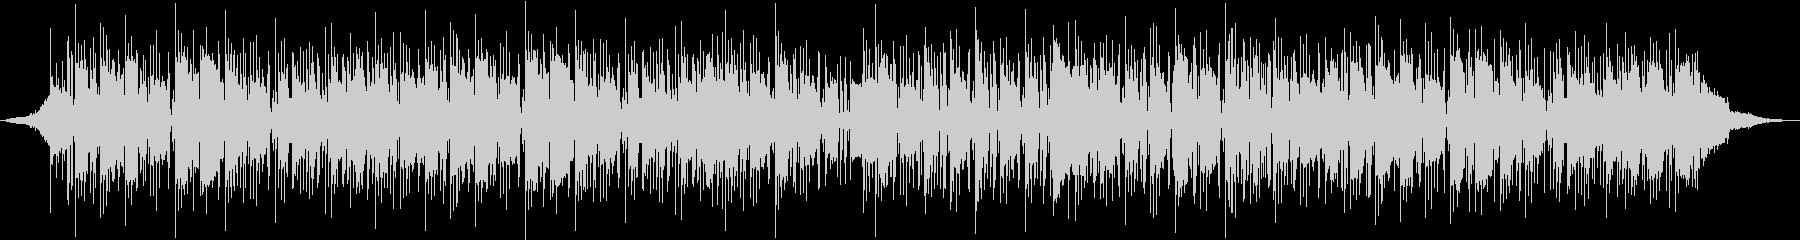 トロンボーンメロディのロックの未再生の波形